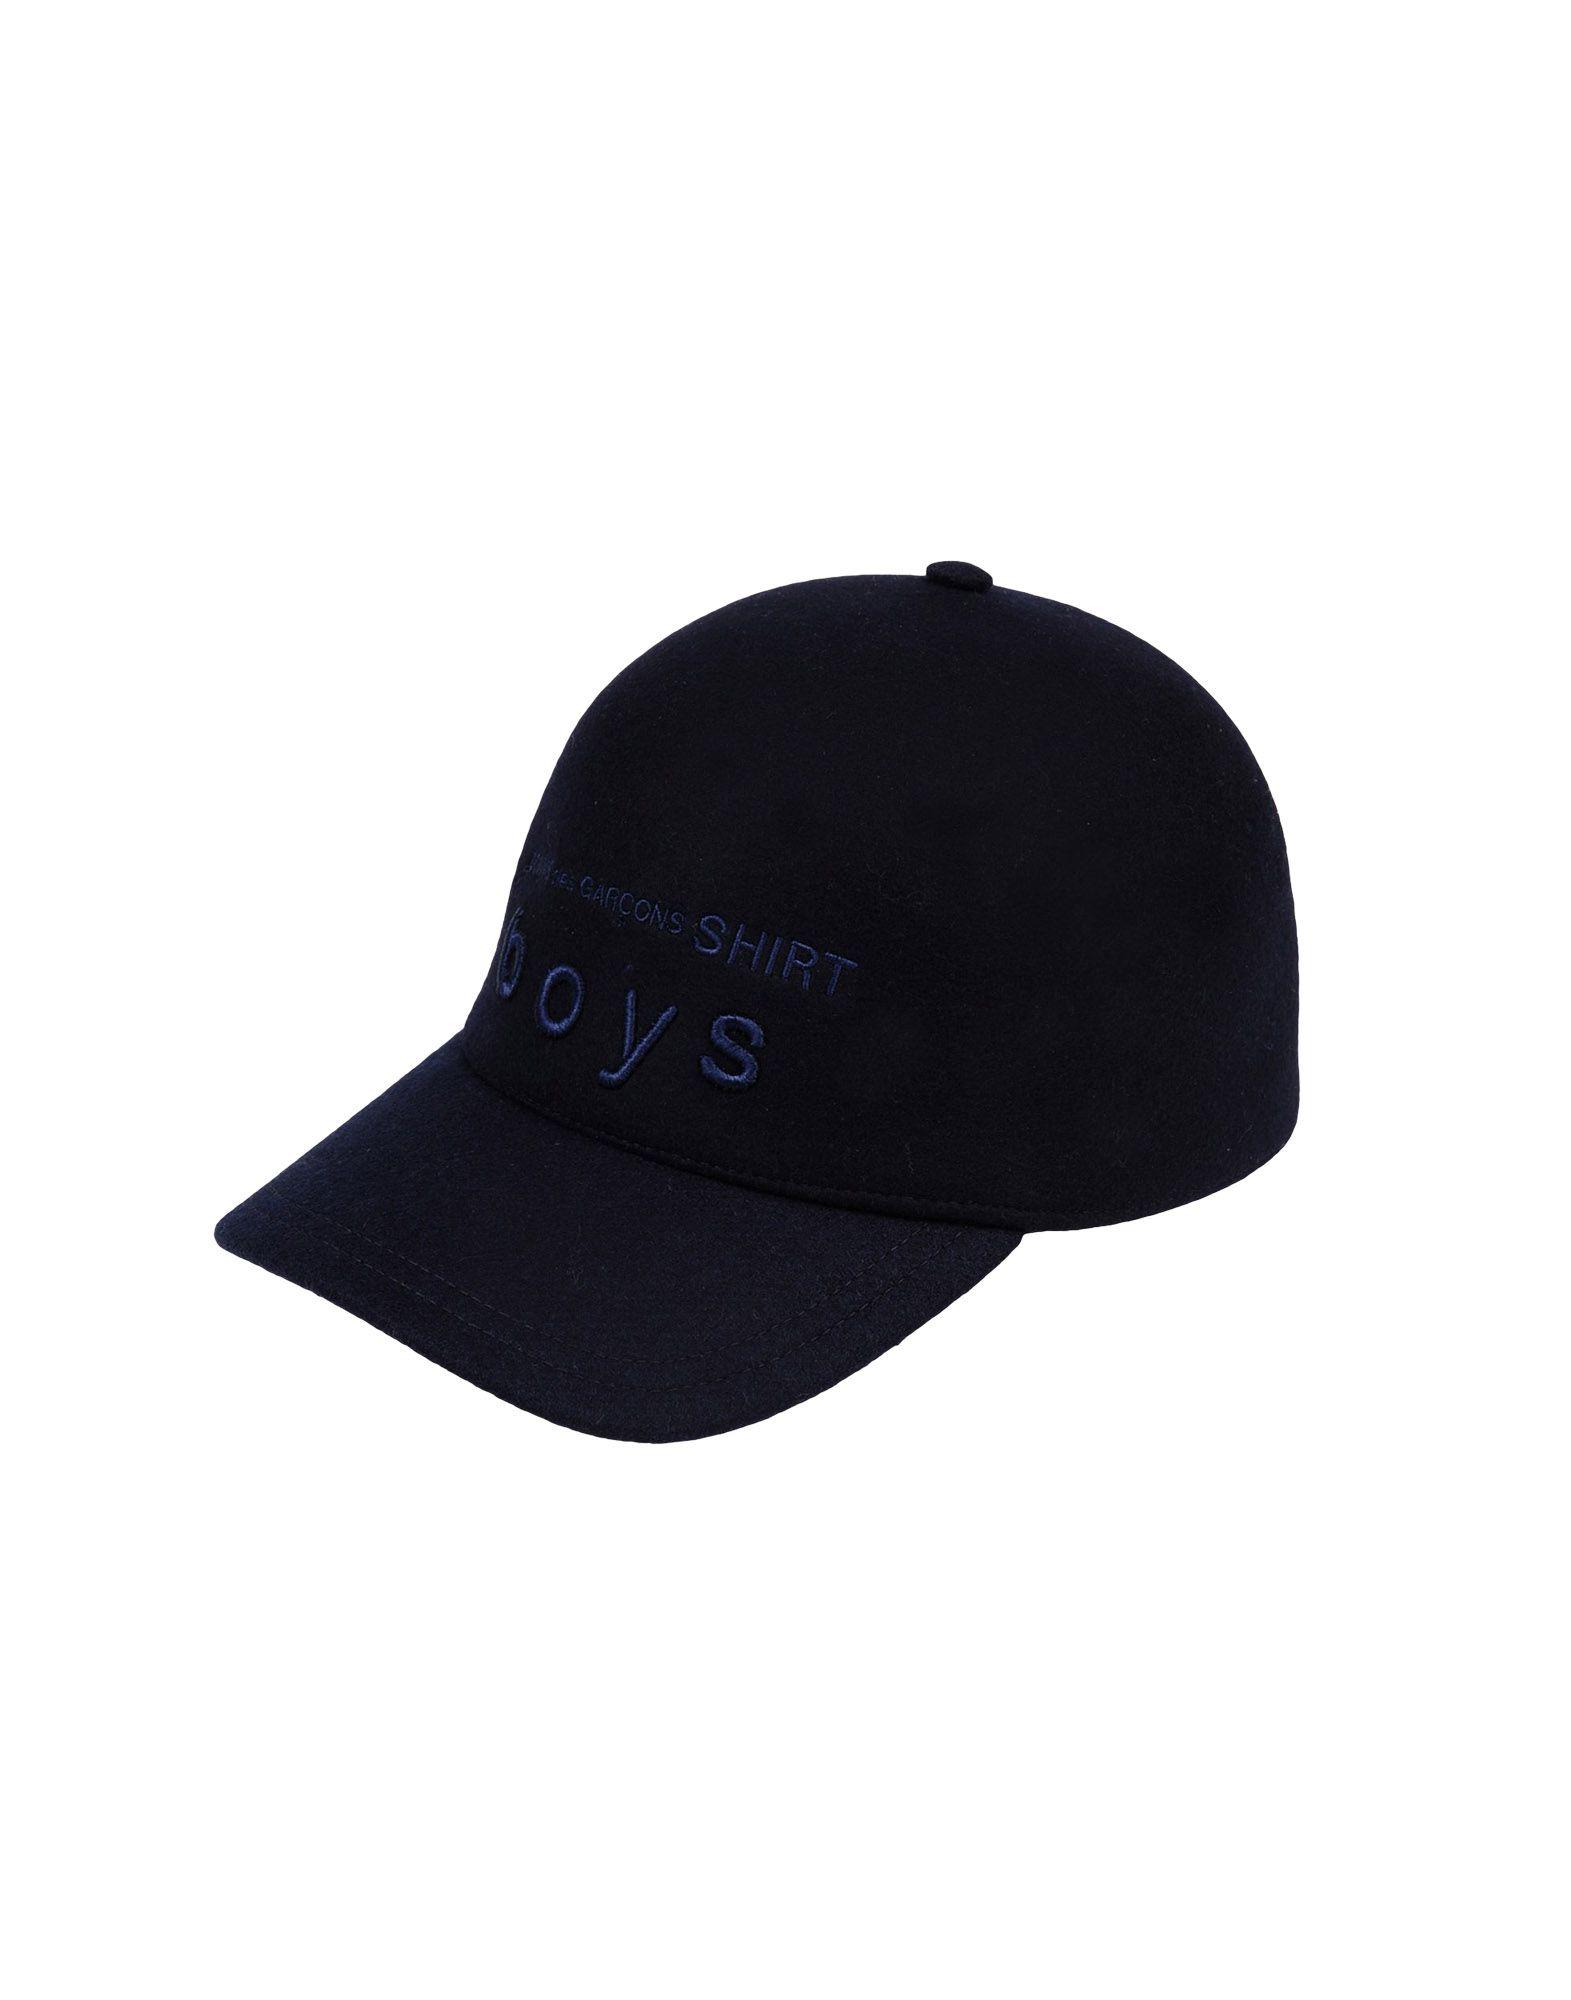 0ed76382b5e Comme Des Garçons Shirt Hat - Men Comme Des Garçons Shirt Hats online on  YOOX United States - 46571770LA